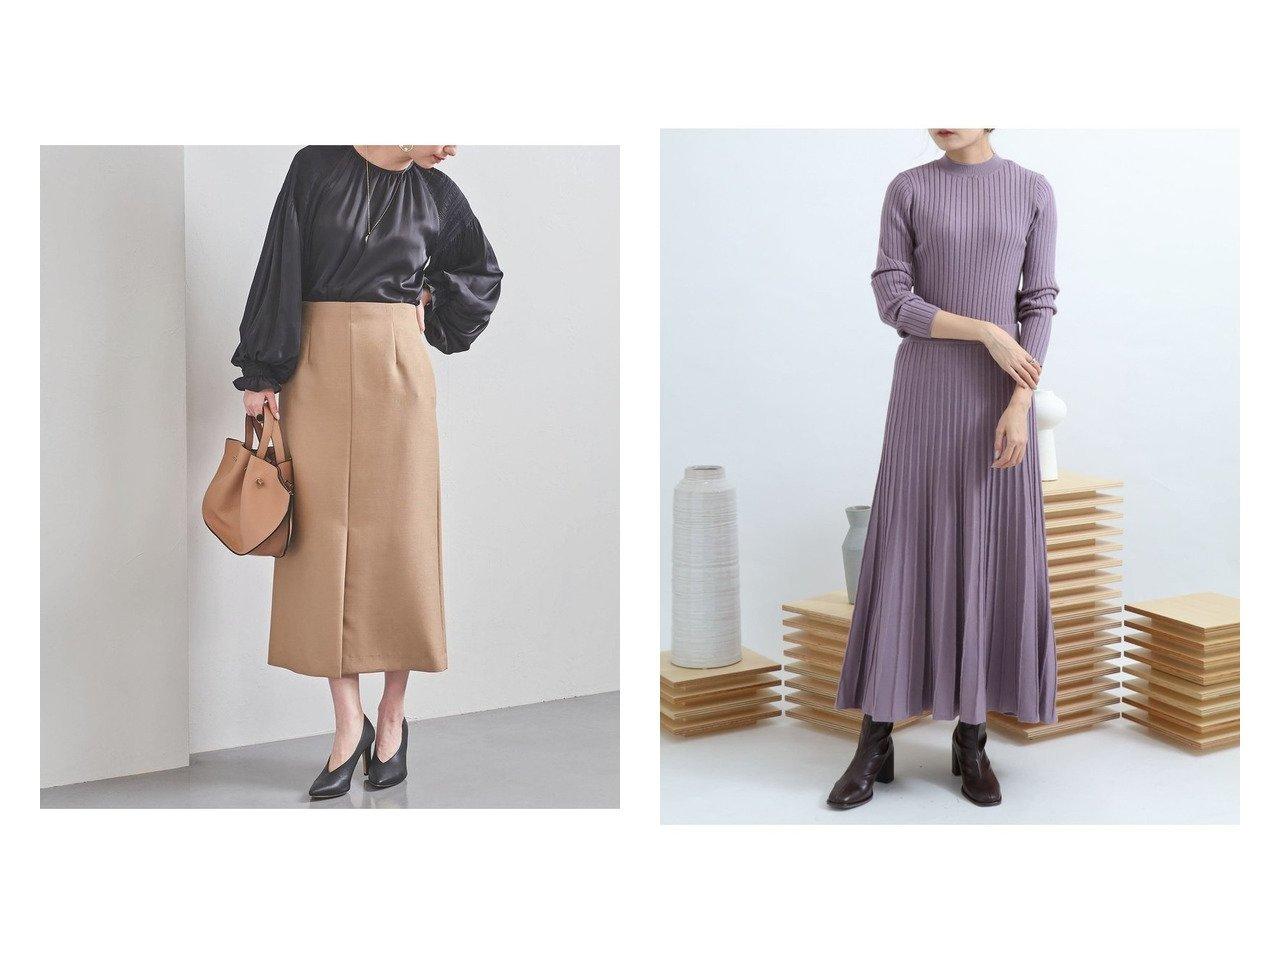 【UNITED ARROWS/ユナイテッドアローズ】のUBC スリット Aラインスカート&【SENSE OF PLACE / URBAN RESEARCH/センス オブ プレイス】の【一部店舗限定】リブセータープリーツスカートアンサンブル スカートのおすすめ!人気、トレンド・レディースファッションの通販  おすすめで人気の流行・トレンド、ファッションの通販商品 メンズファッション・キッズファッション・インテリア・家具・レディースファッション・服の通販 founy(ファニー) https://founy.com/ ファッション Fashion レディースファッション WOMEN スカート Skirt Aライン/フレアスカート Flared A-Line Skirts プリーツスカート Pleated Skirts NEW・新作・新着・新入荷 New Arrivals エレガント シンプル スリット センター フェミニン フロント 切替 カットソー スタンダード セットアップ デニム フレア プリーツ マキシ ワイド  ID:crp329100000010779